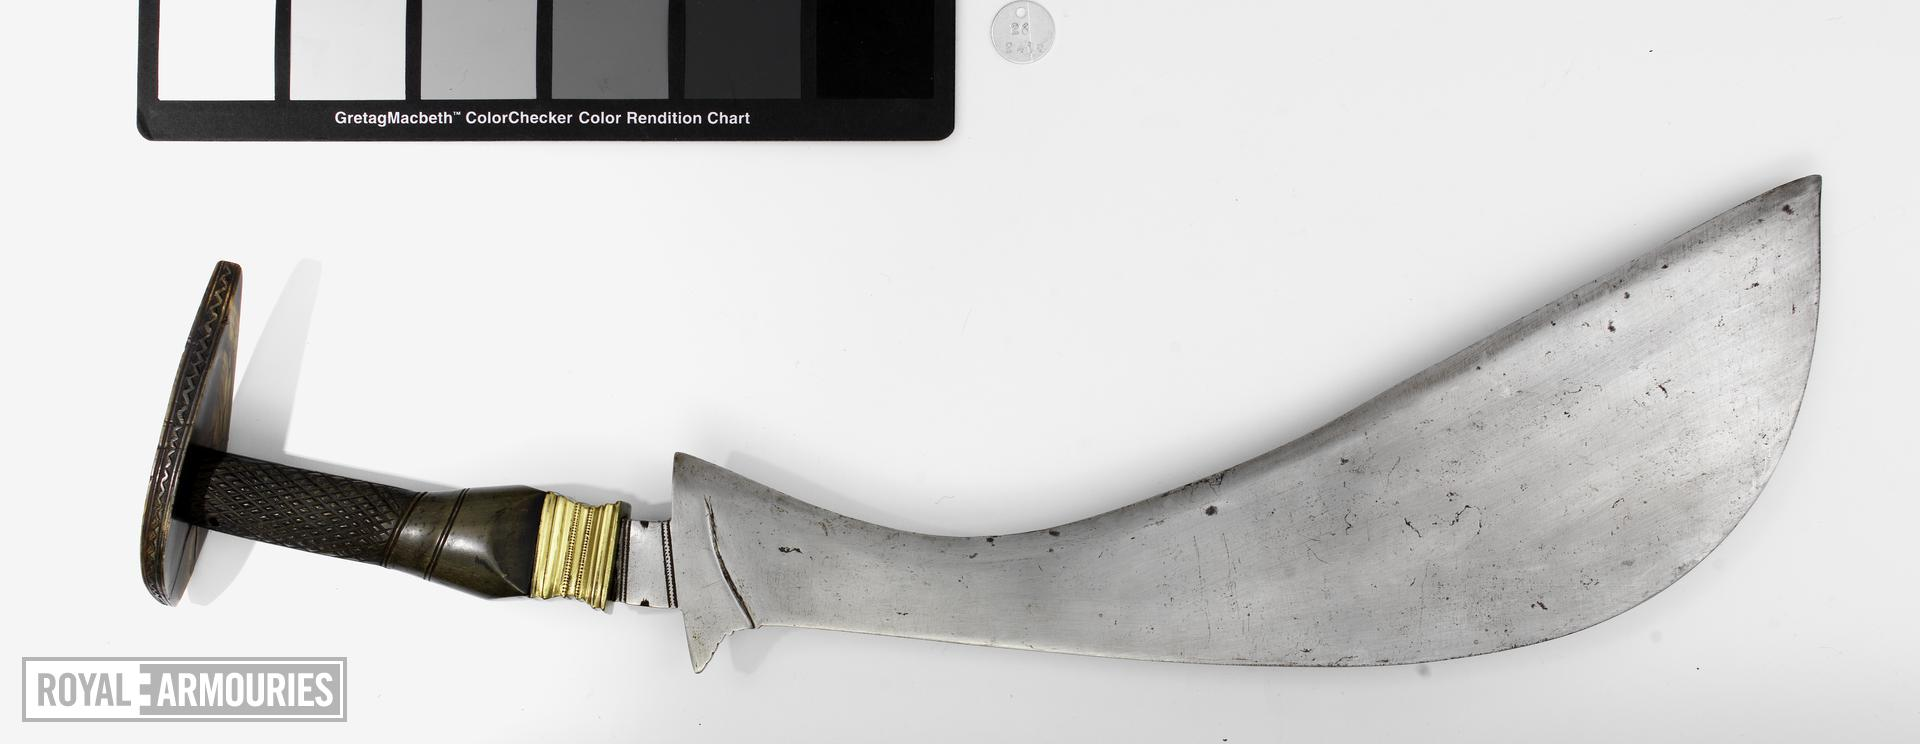 Sword (ayudha katti)